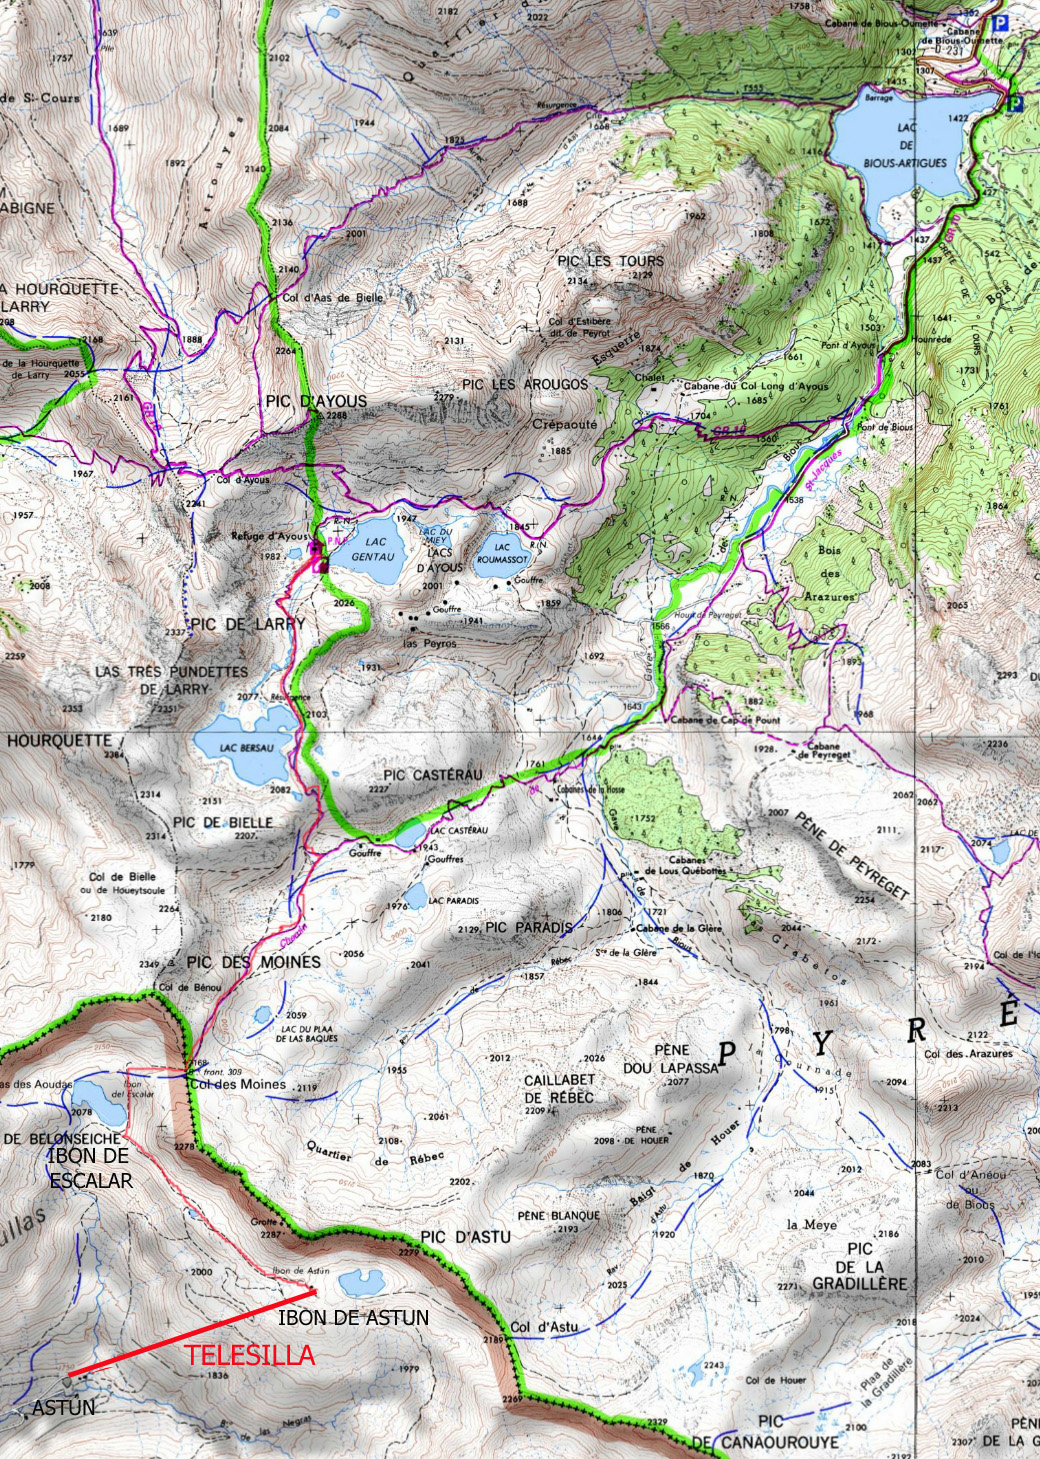 Mapa de la ruta sobre plano obtenido de Geoportail France